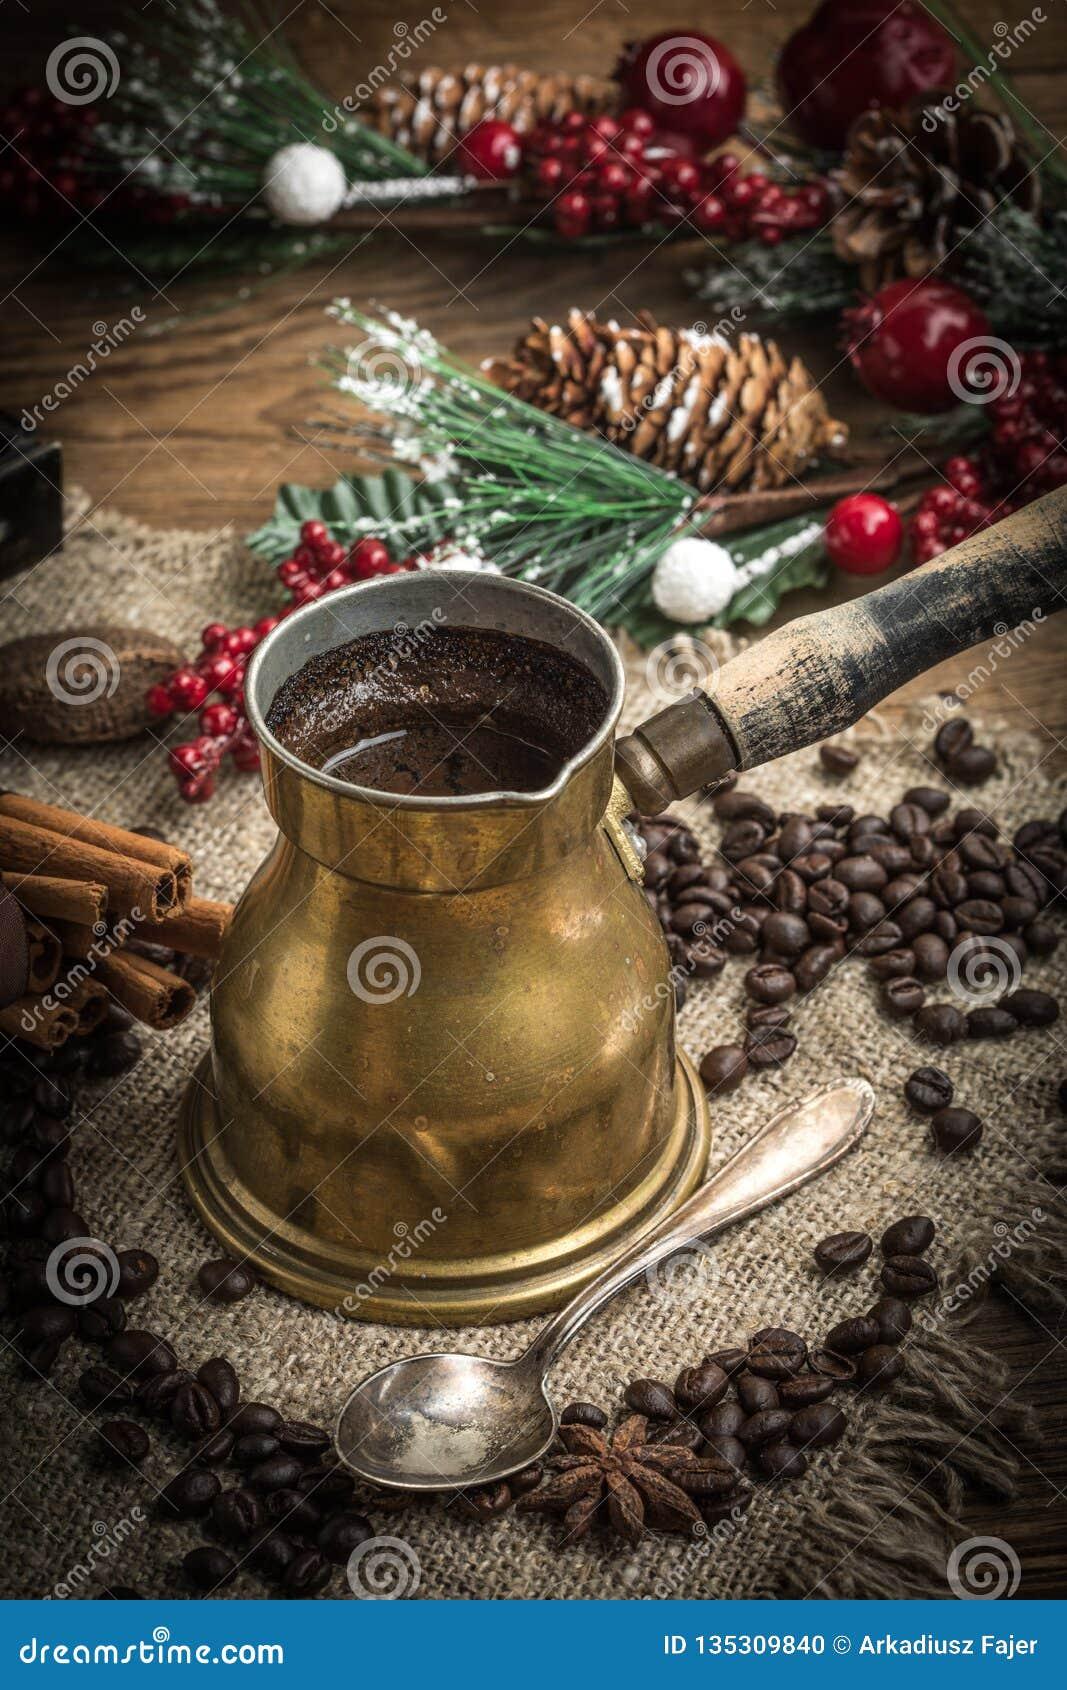 Turkse koffie in koper coffe pot